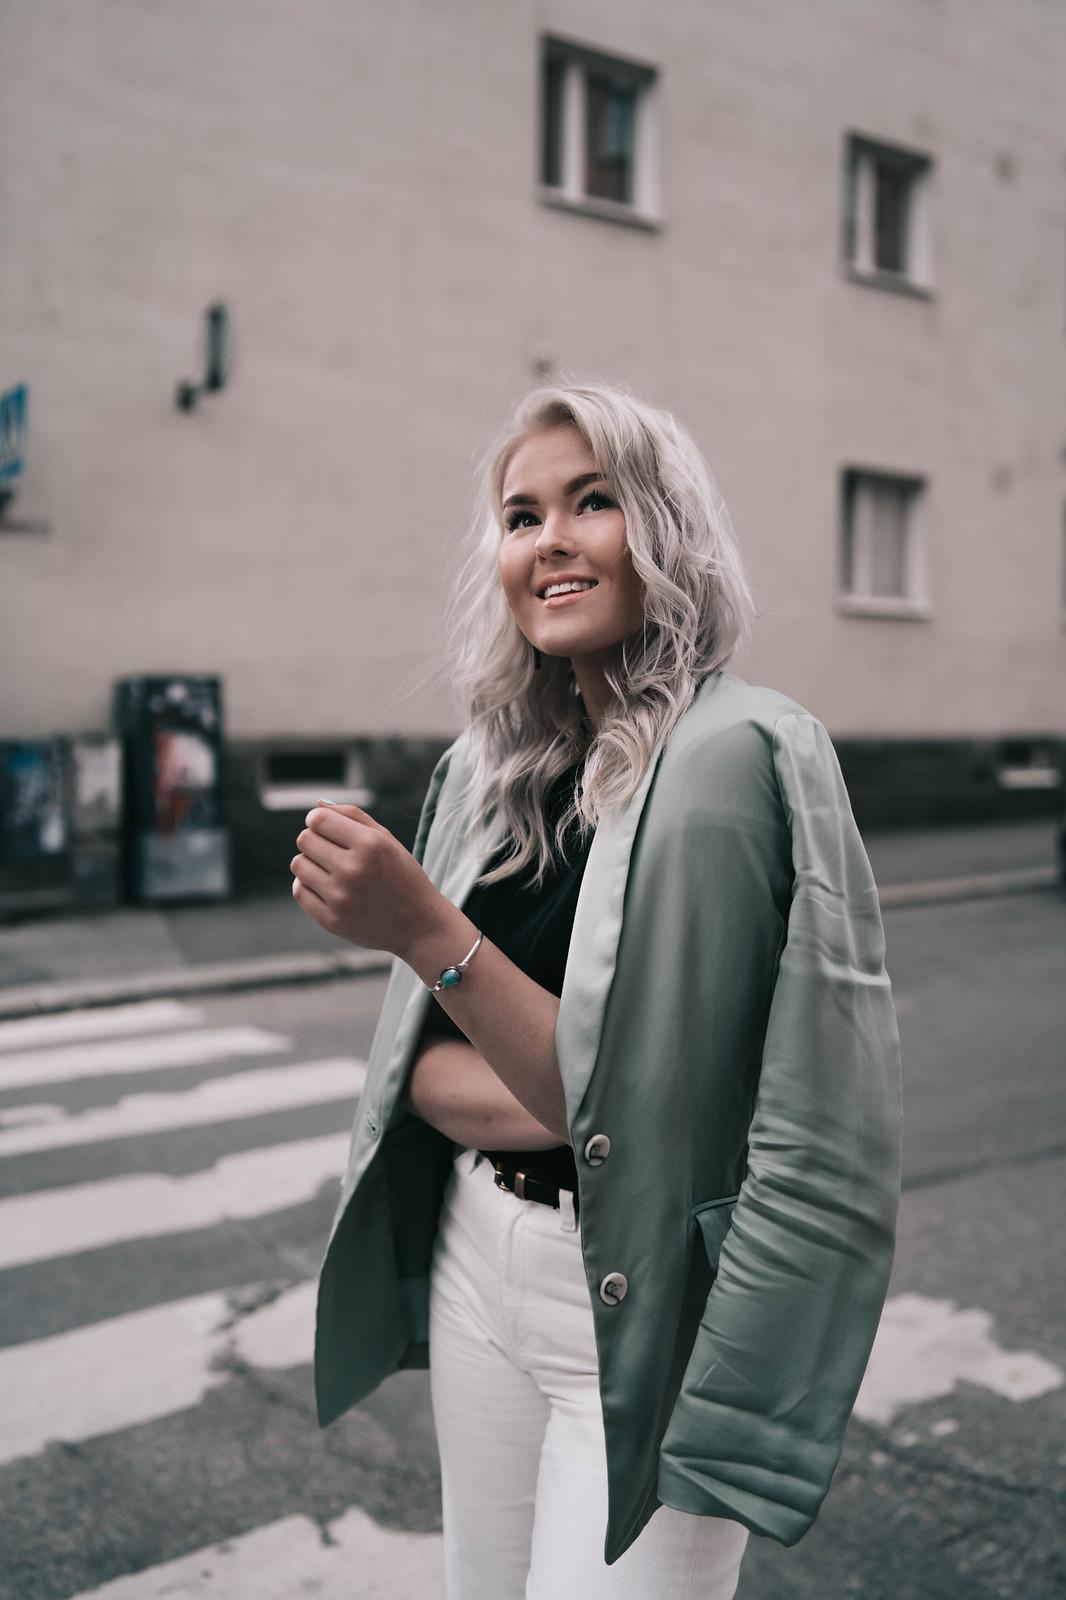 Vaihtoon lähdöstä - Suvi Myllymäki blogi